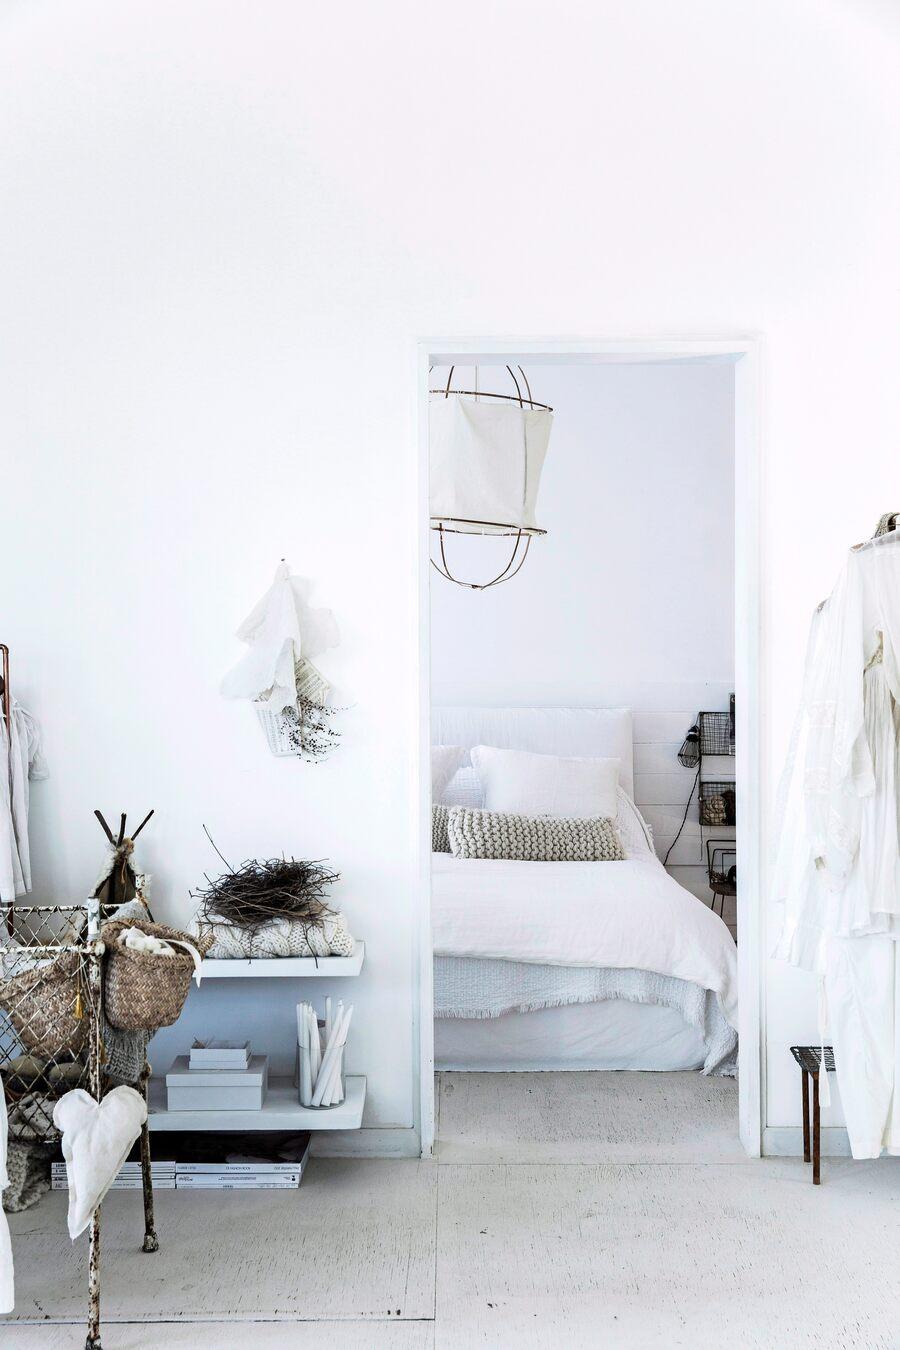 Dormitorio blanco de ensueño en Australia